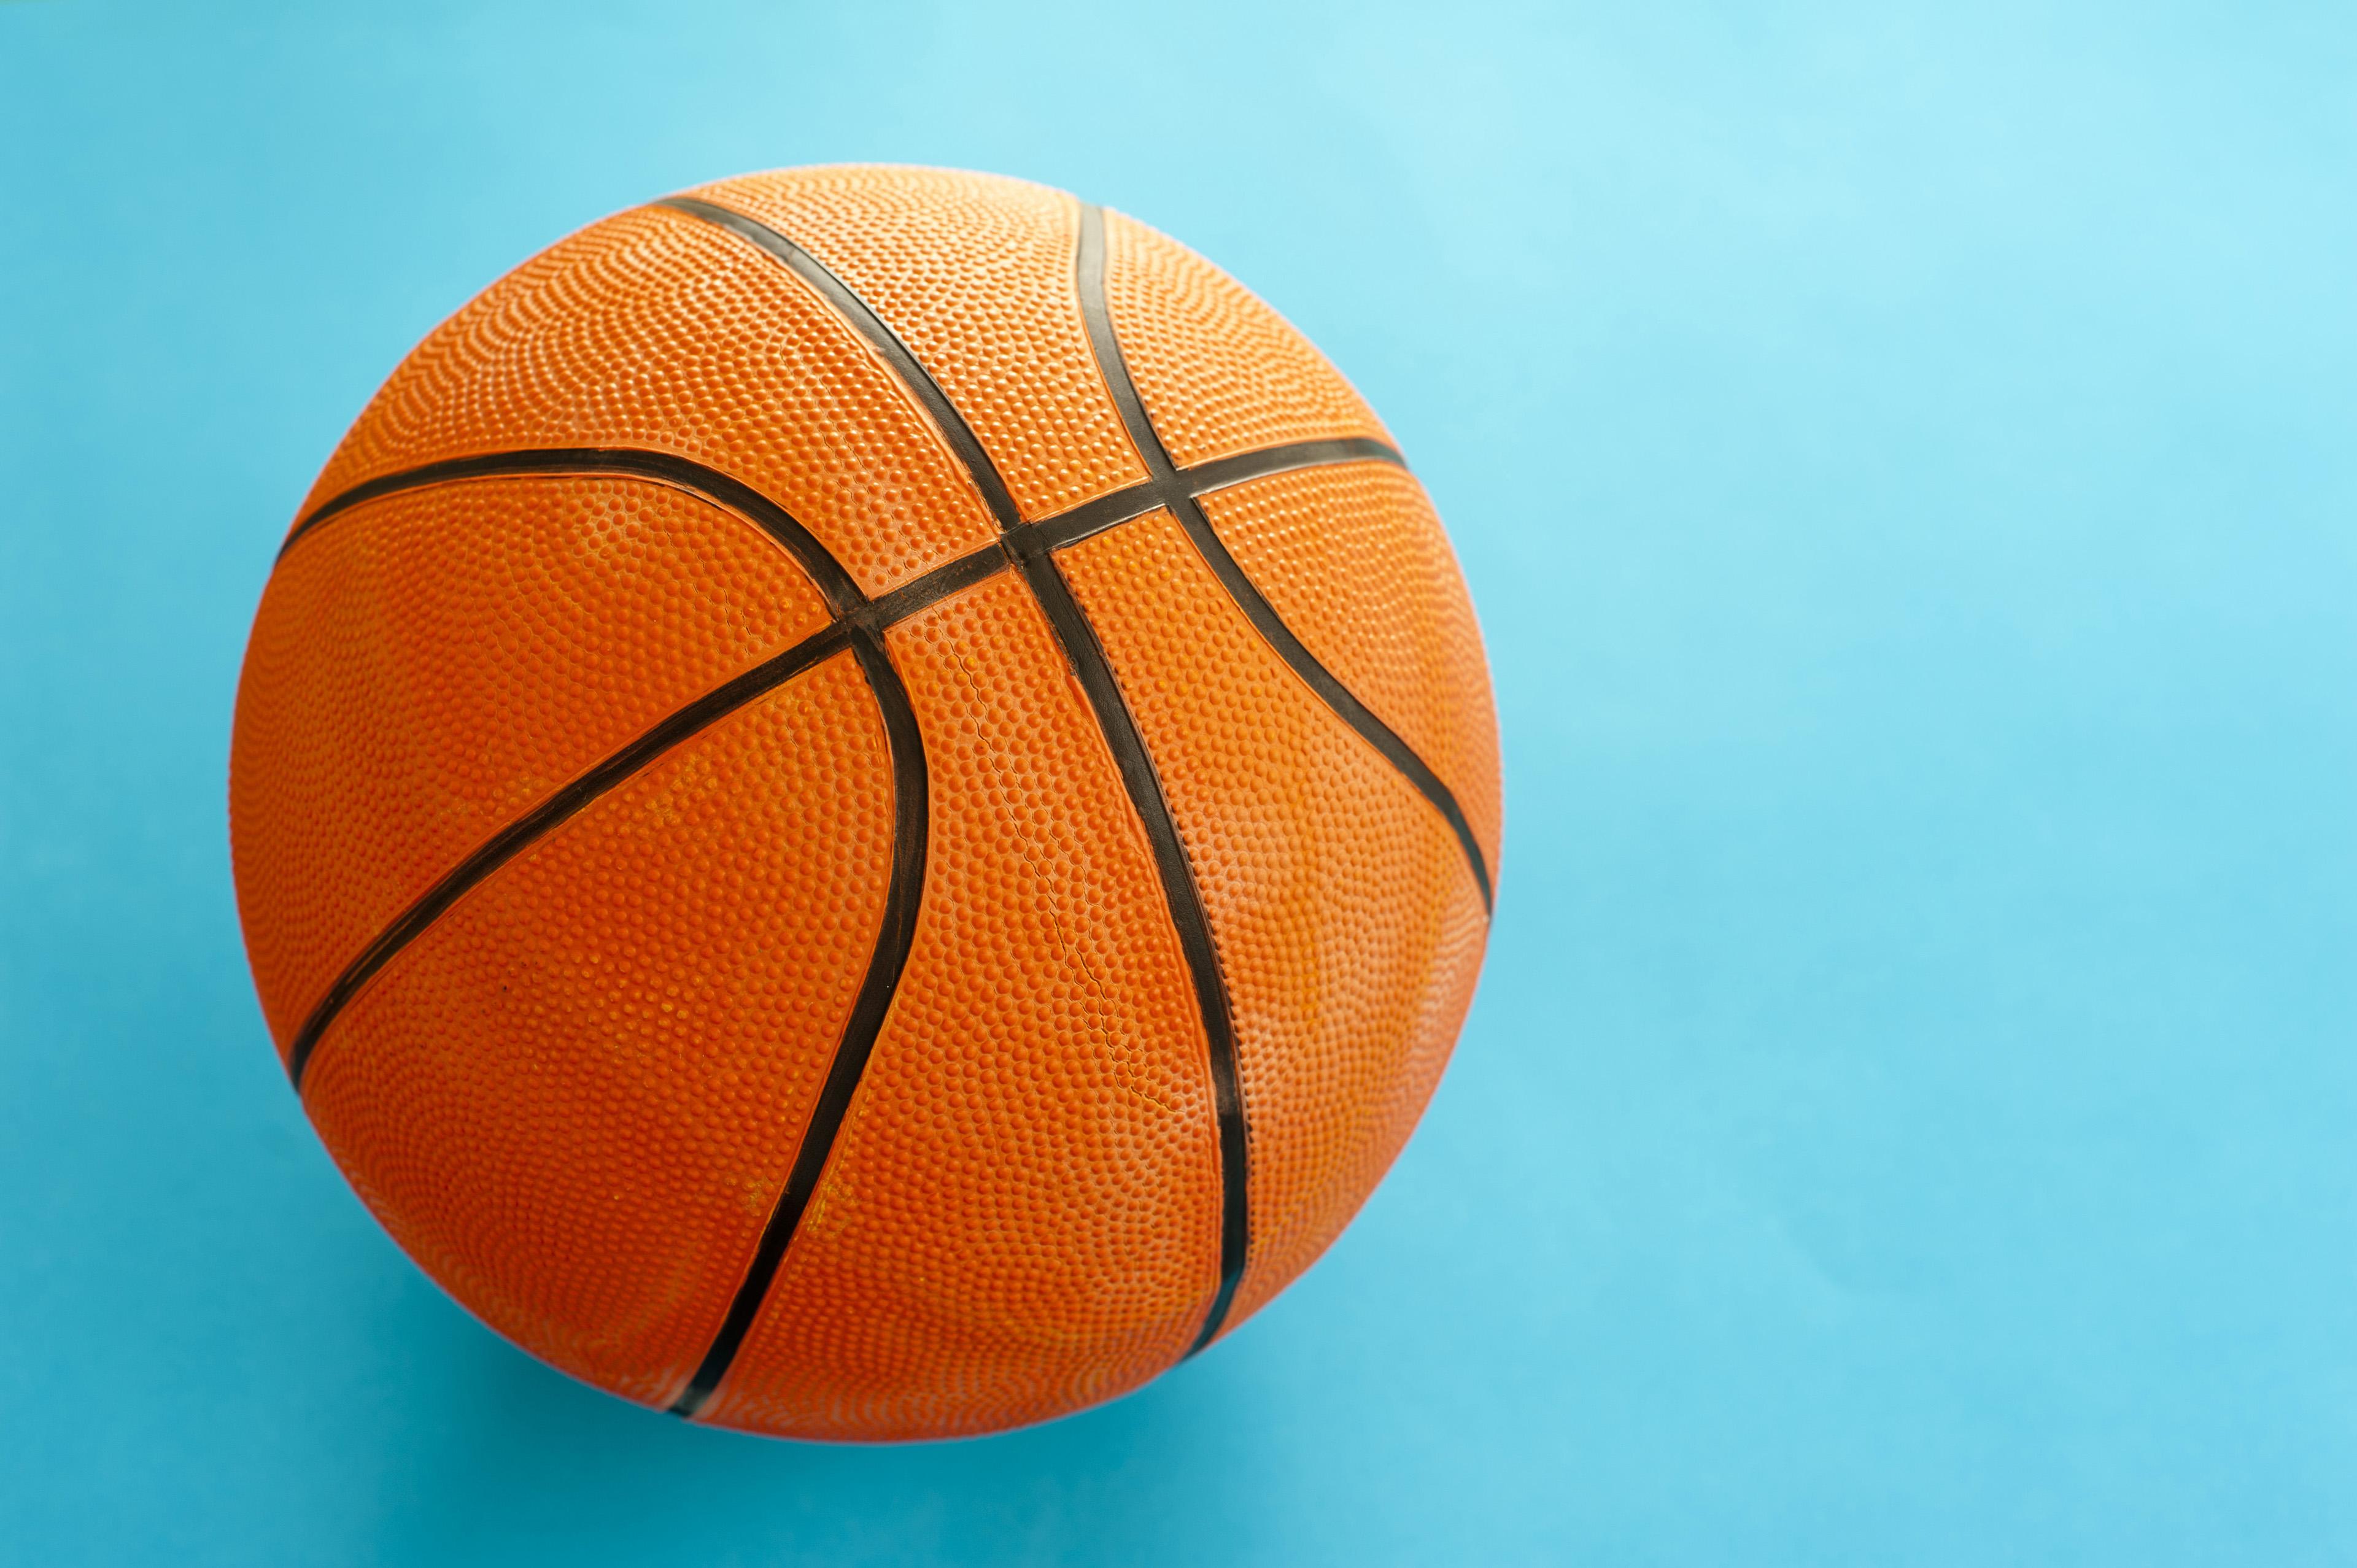 Image of Colorful orange basketball | Freebie.Photography